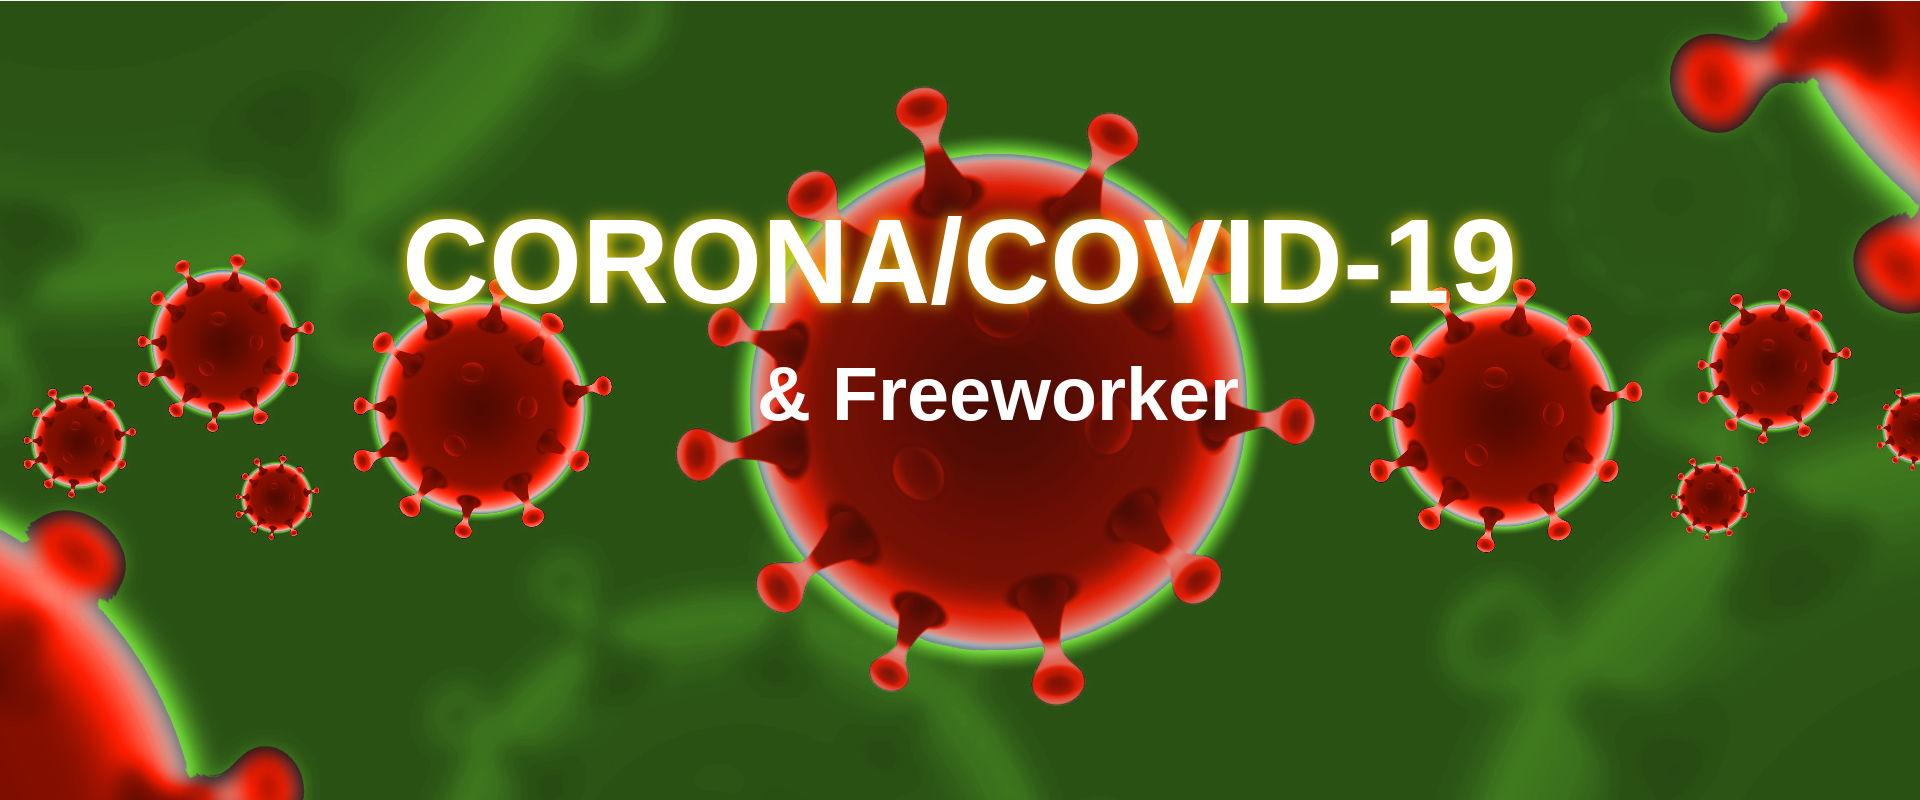 Permalink zu:Informationen zur Corona-Pandemie und die aktuellen Folgen für Freeworker